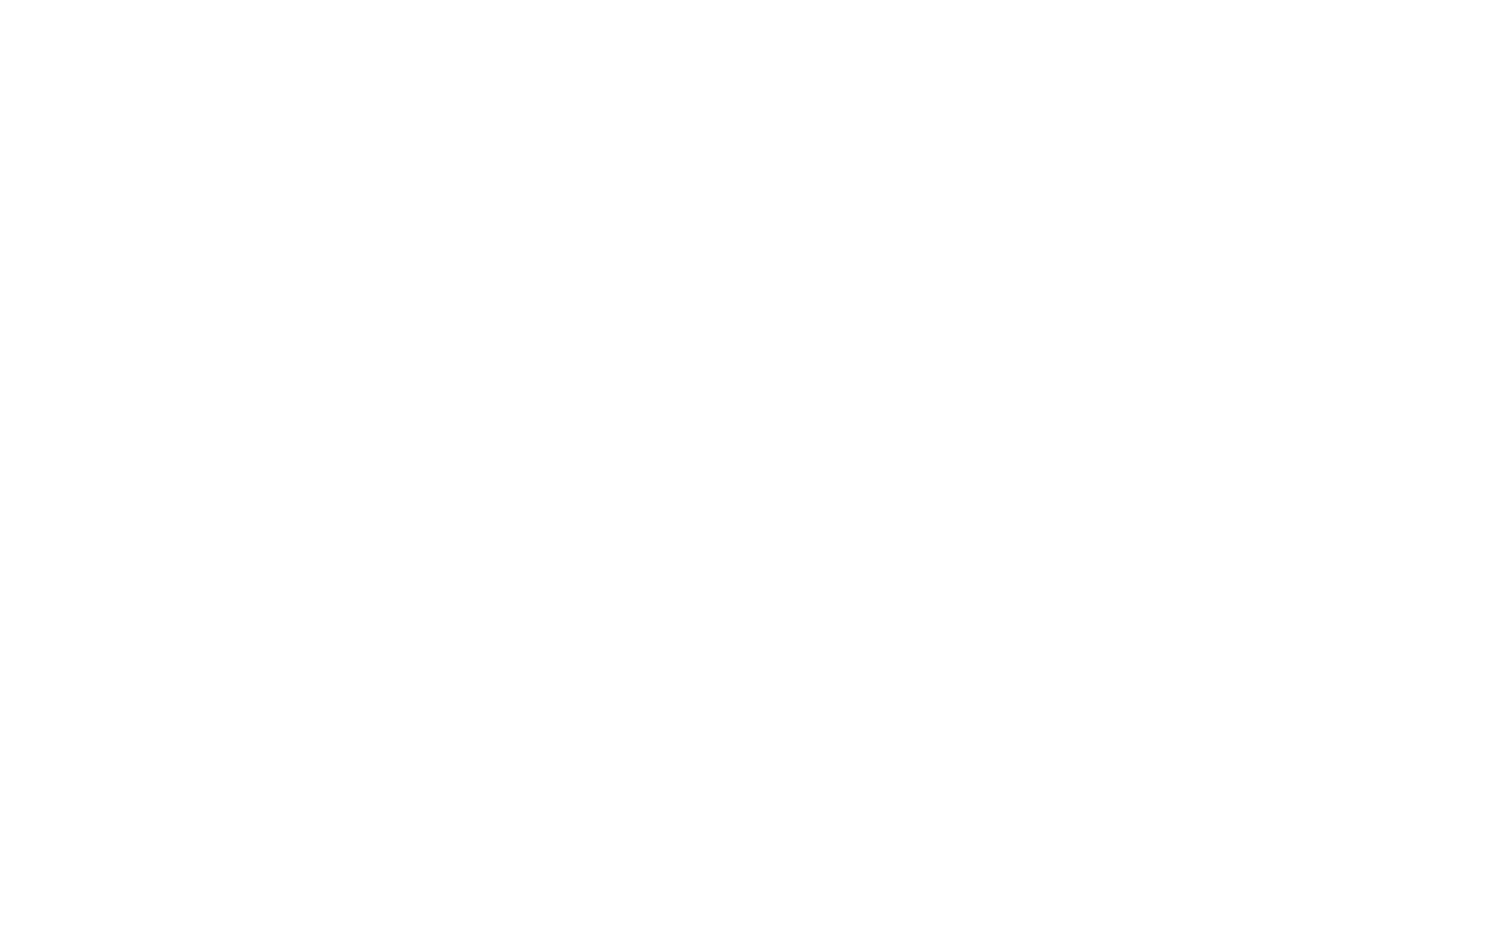 Movilla Presbyterian